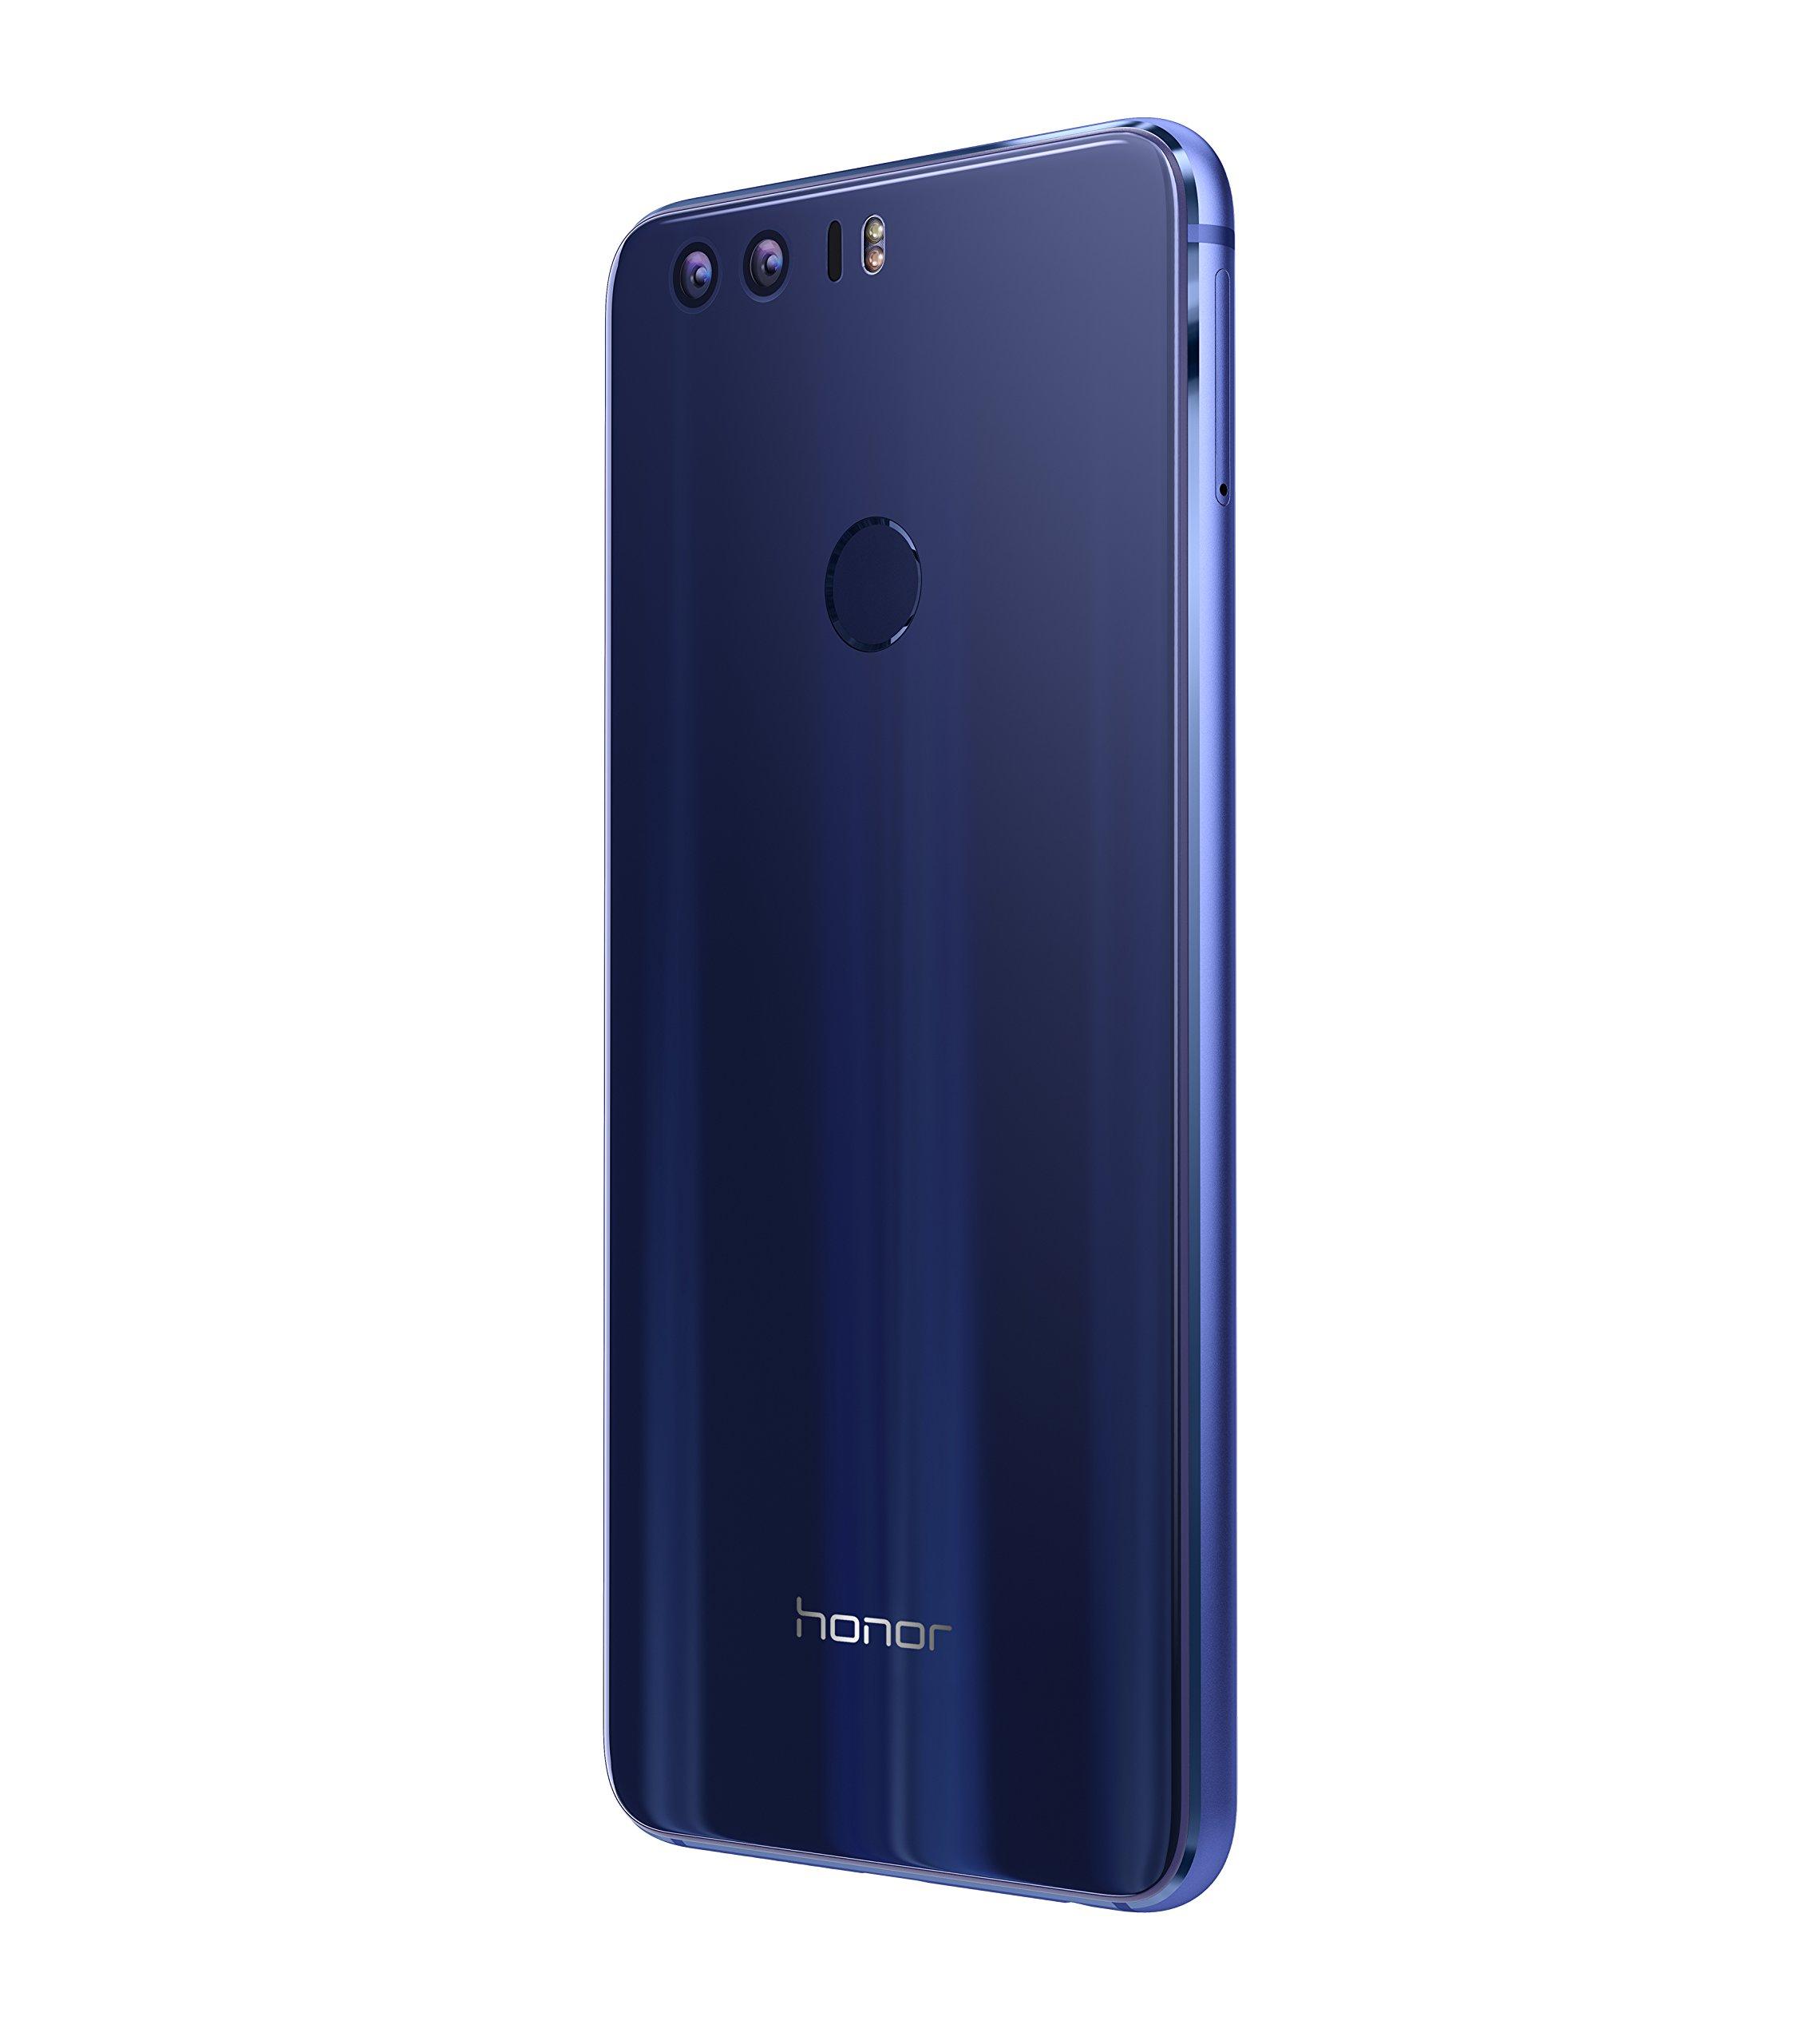 Honor 8 Smartphone Libre Android, Pantalla 5.2